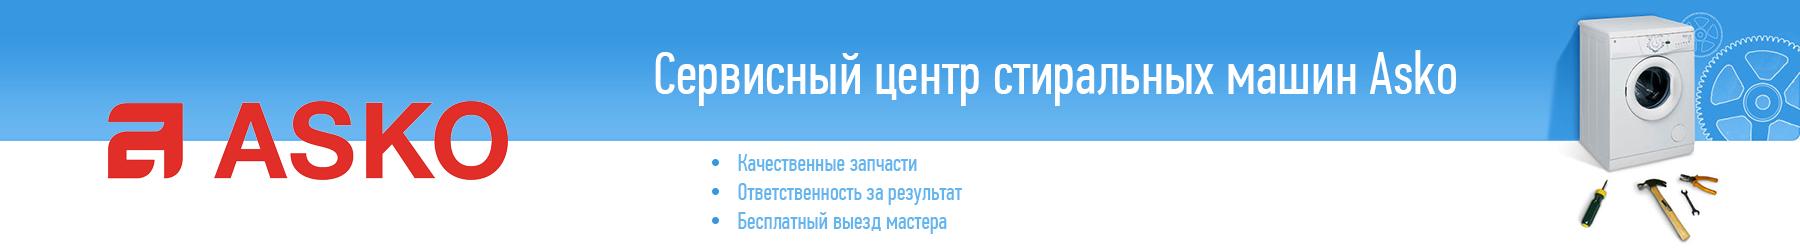 Сервисный центр стиральных машин АЕГ Кутузовская мастерская стиральных машин Улица Барболина